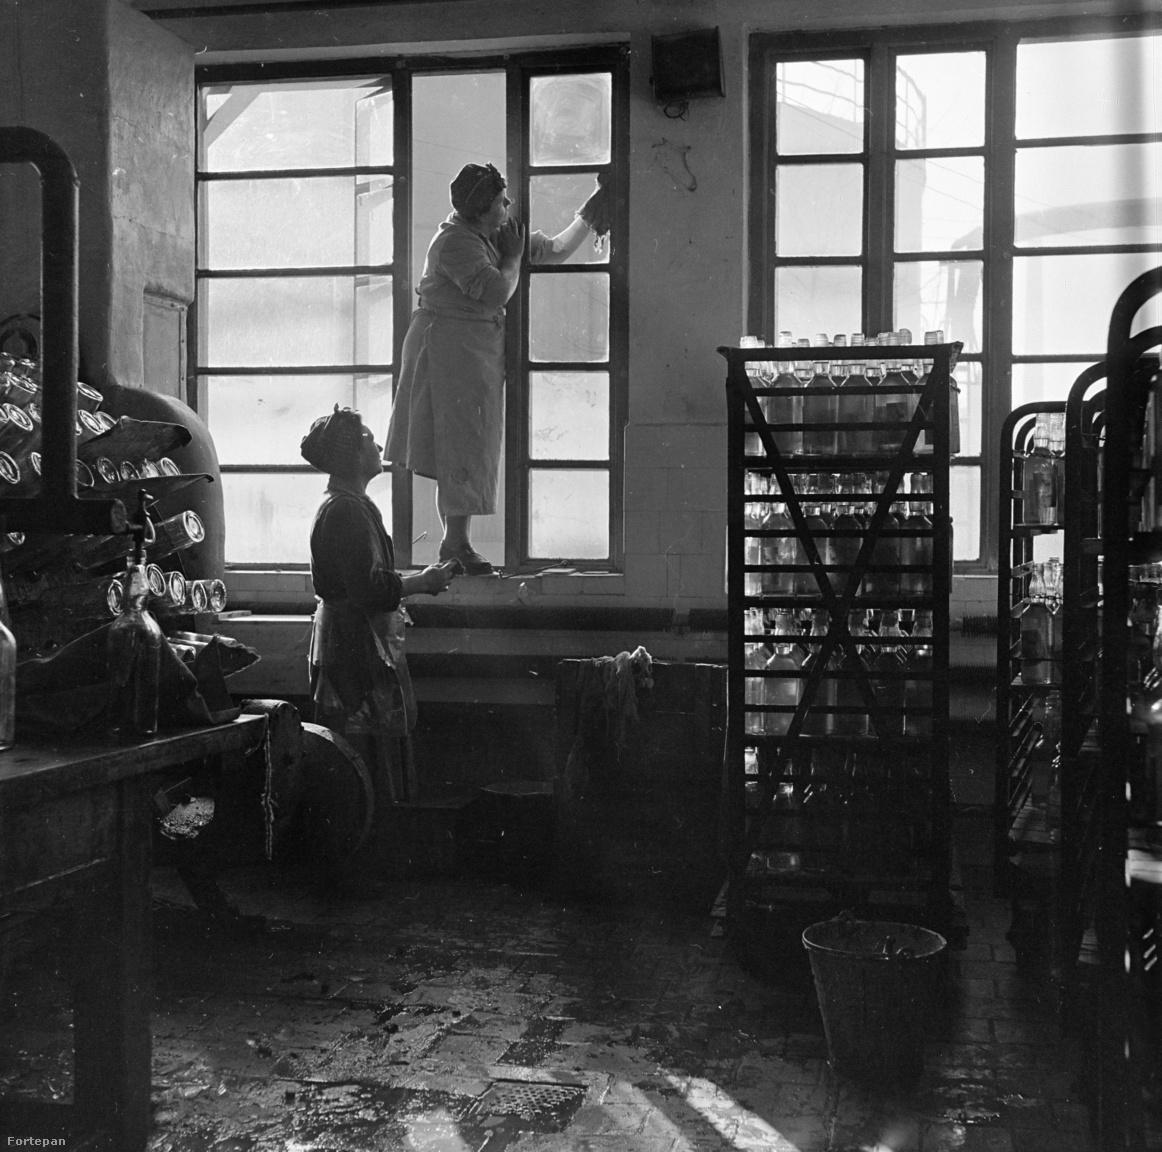 """Nem is olyan könnyű elképzelni a mobilos, instafilteres, képi gondolkodást és különösebb erőfeszítést nem igénylő tömegfotózás korszakában, hogy mit jelentett a szó eredeti értelmében vett, valóban lelkes amatőr fényképezés néhány évtizede, szűkösebb körülmények között. A korai kezdetek és a két világháború közötti fejlődés után az ötvenes évekre a fotóamatőr mozgalom országossá vált, kis művelődési házakban és üzemekben gombamódra nőttek a fotóklubok. Bár vegyes volt a színvonal, és a Népművelési Intézeten keresztül ezt is igyekeztek """"államosítani"""", a fotókörök hiánypótlók voltak: százezreknek adták meg a fejlődés és a megmutatkozás lehetőségét, és nem utolsó sorban azt a közeget, amiben az amatőr fotós más hobbistákkal és helyi kismesterekkel együtt kiléphet a kép magányából."""